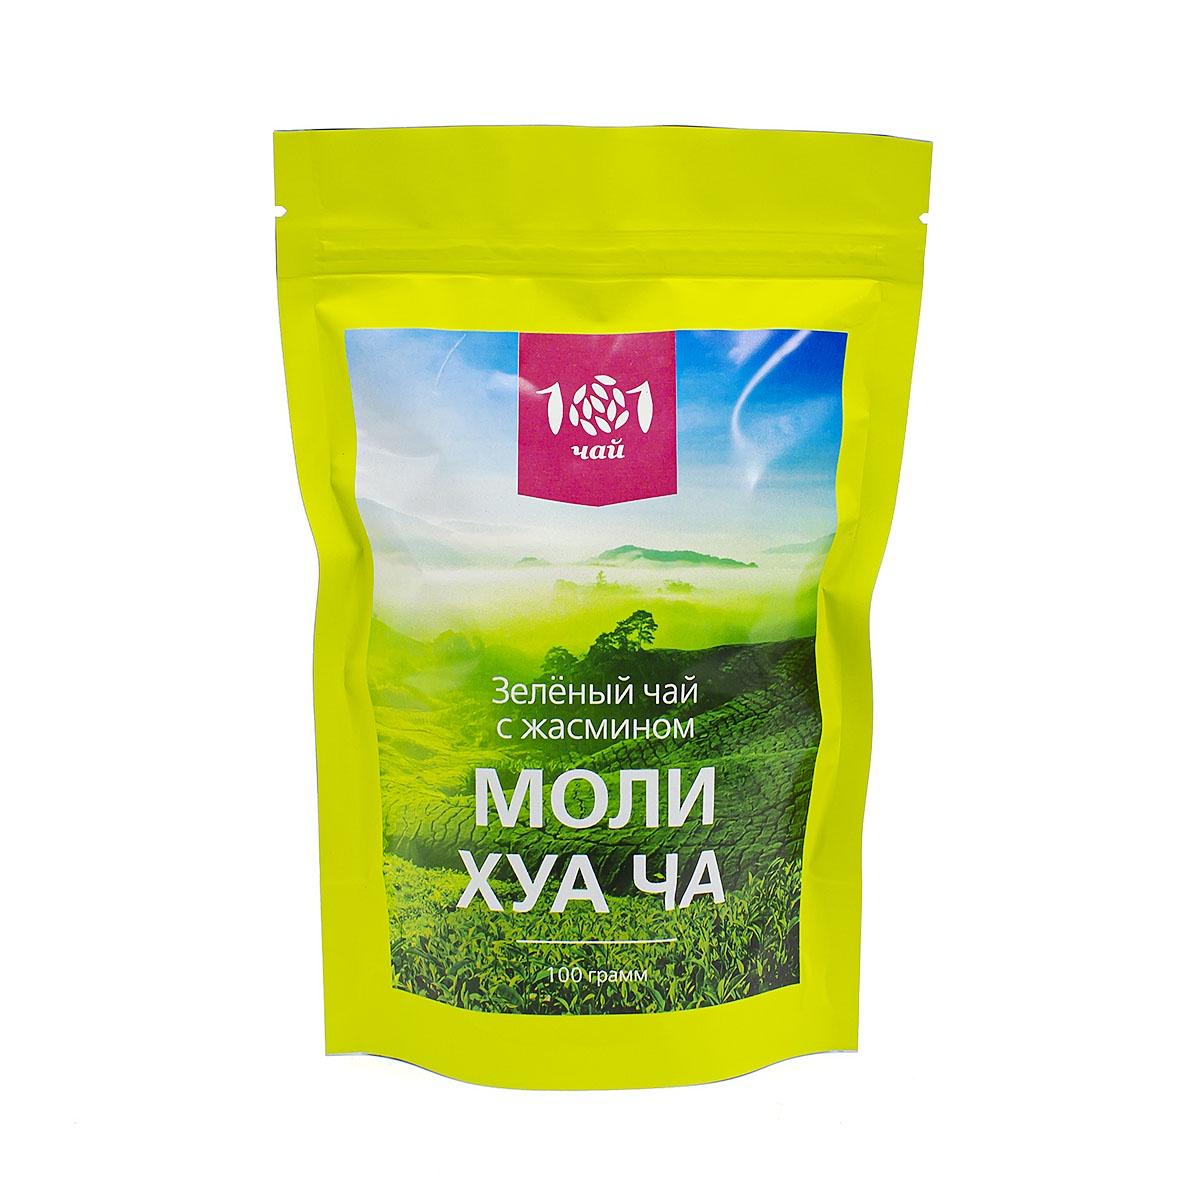 Чай листовой 101 чай зеленый Моли Хуа Ча (Классический с жасмином), 100 г сад дань чай травяной чай жасминовый чай жасминовый чай типпи 100г мешок